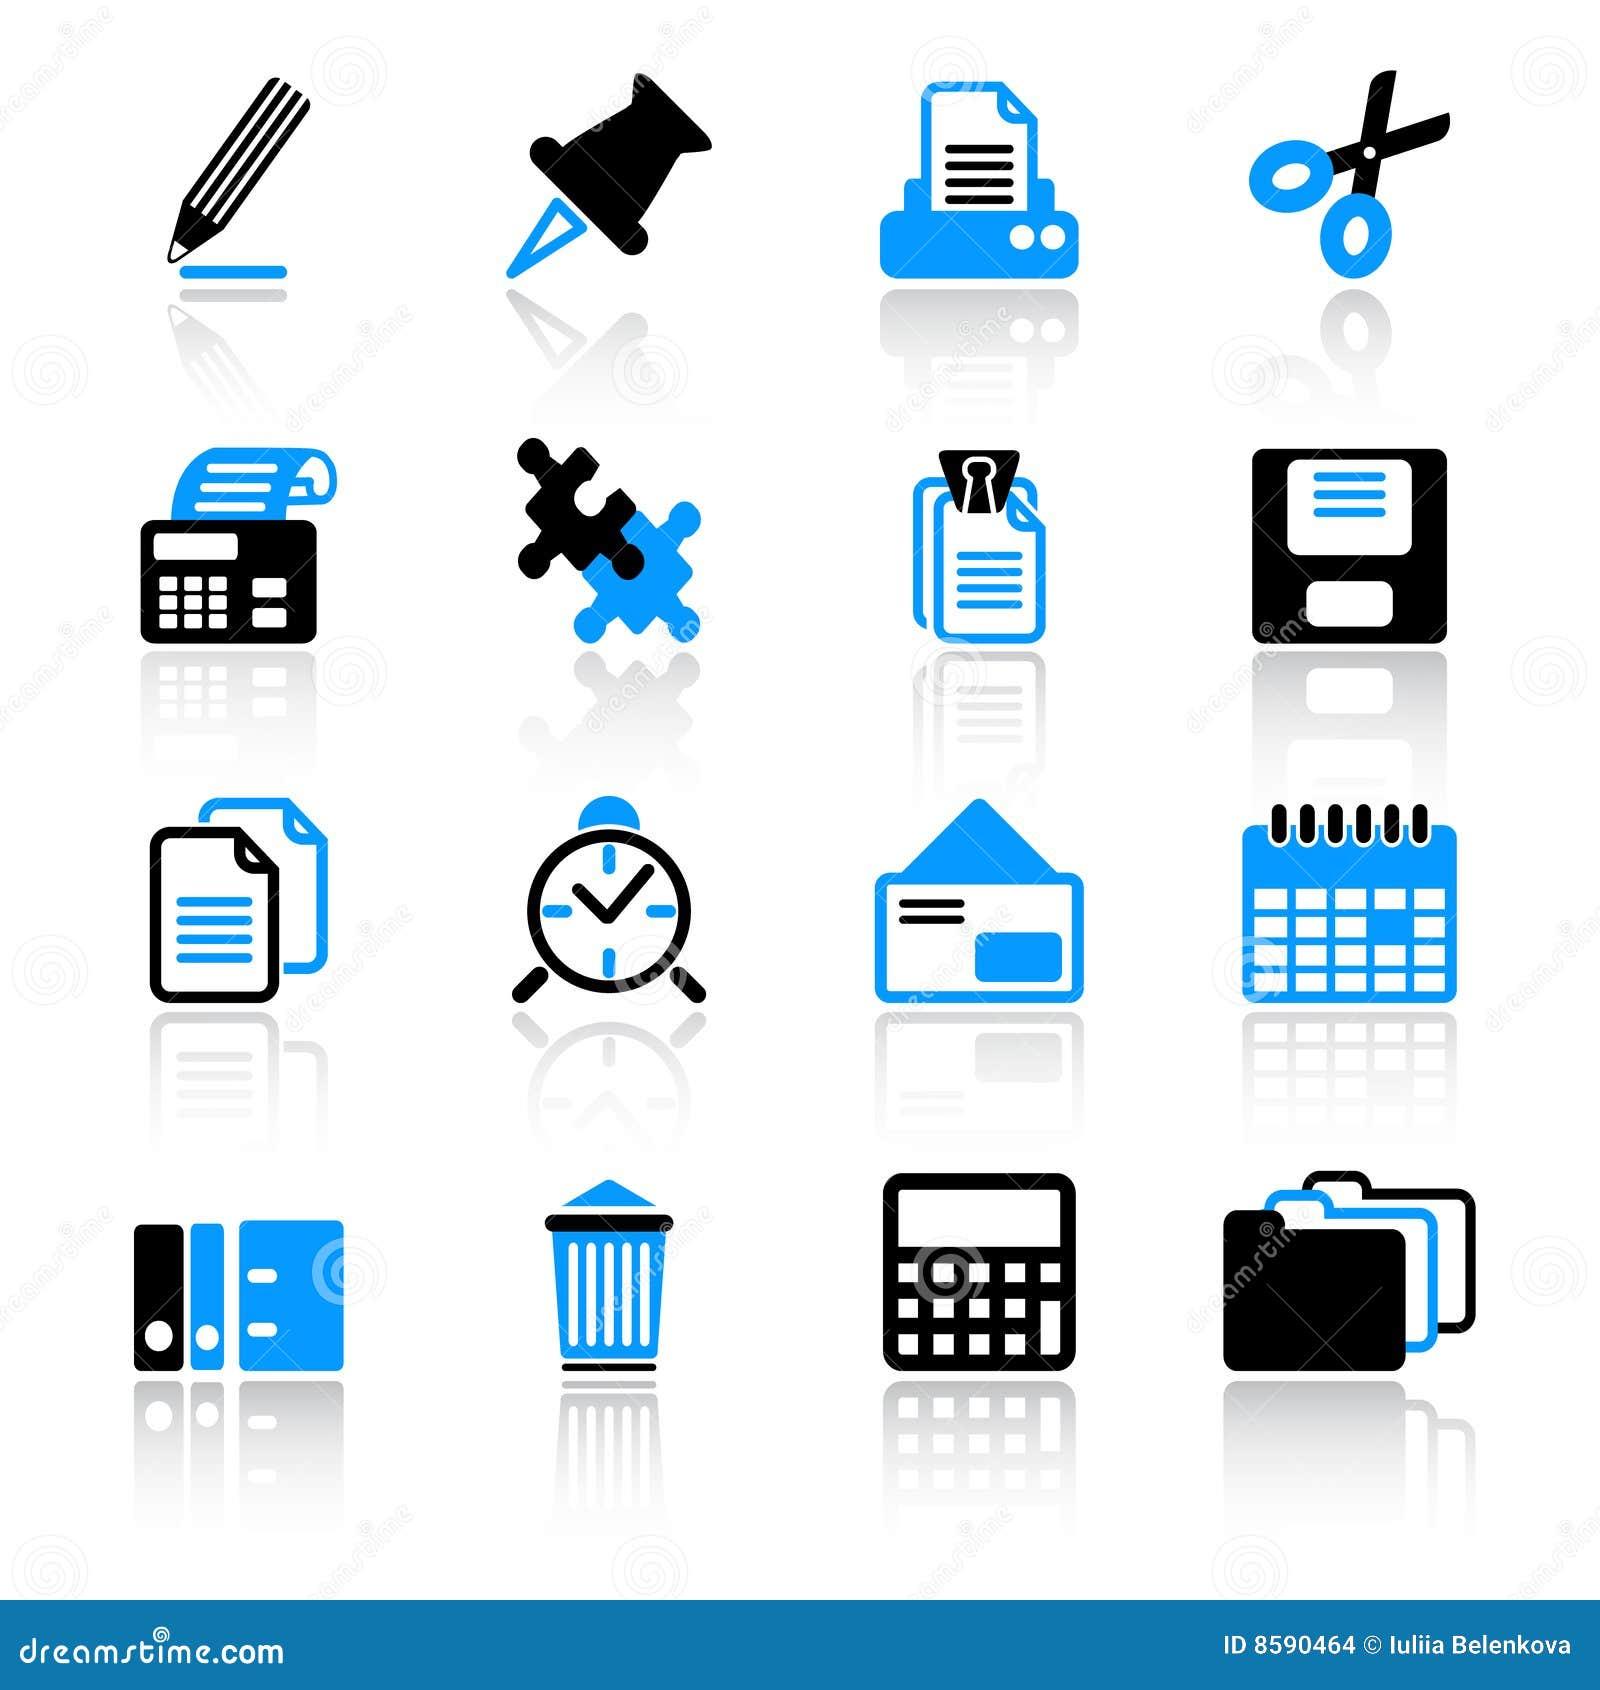 设计 矢量 矢量图 素材 1300_1390图片